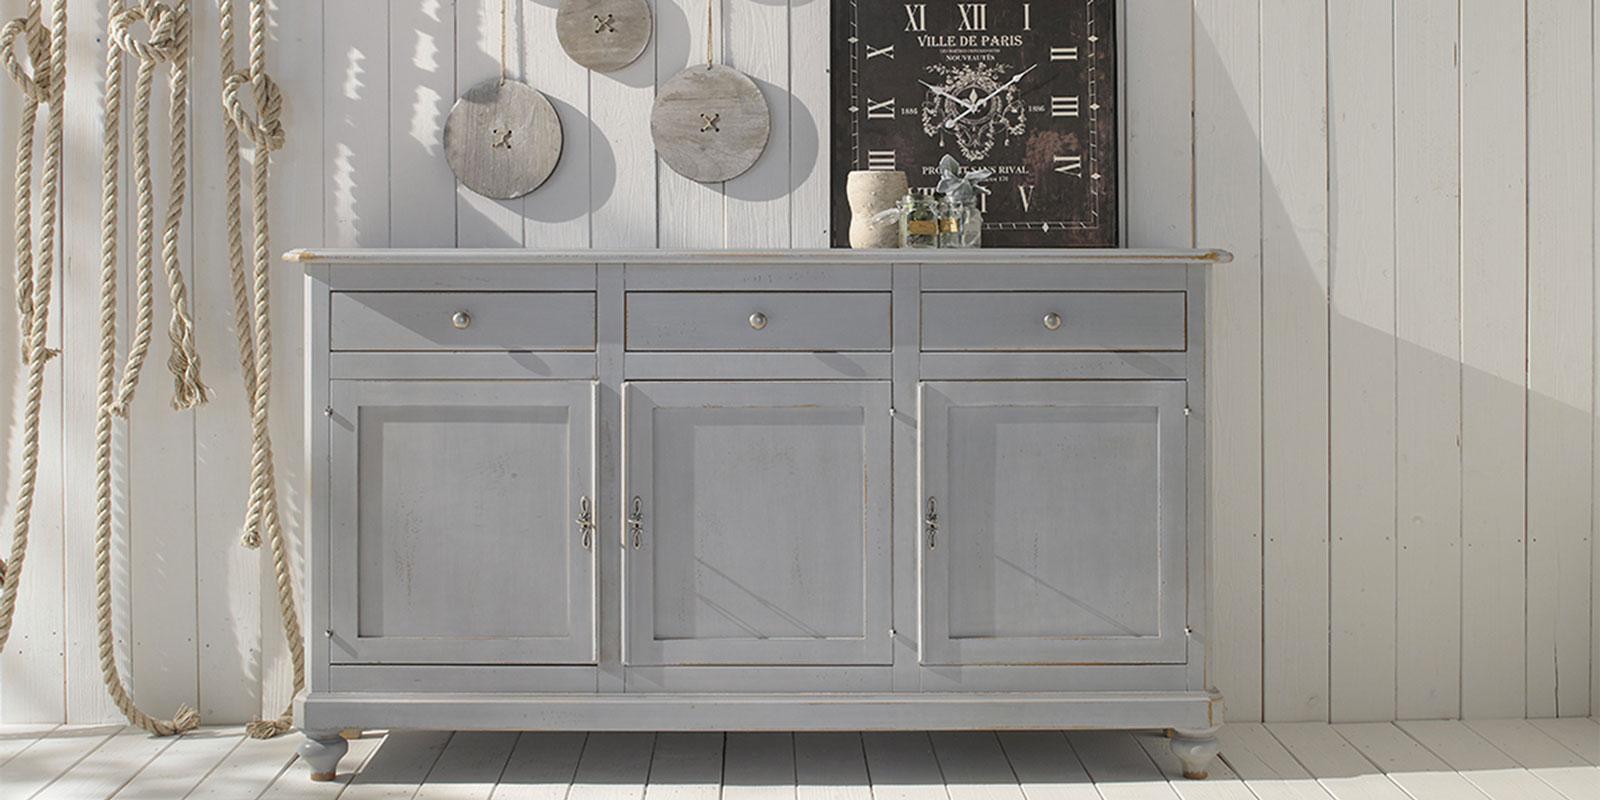 Pittura Shabby Leroy Merlin arredare la casa in stile shabby chic - cose di casa